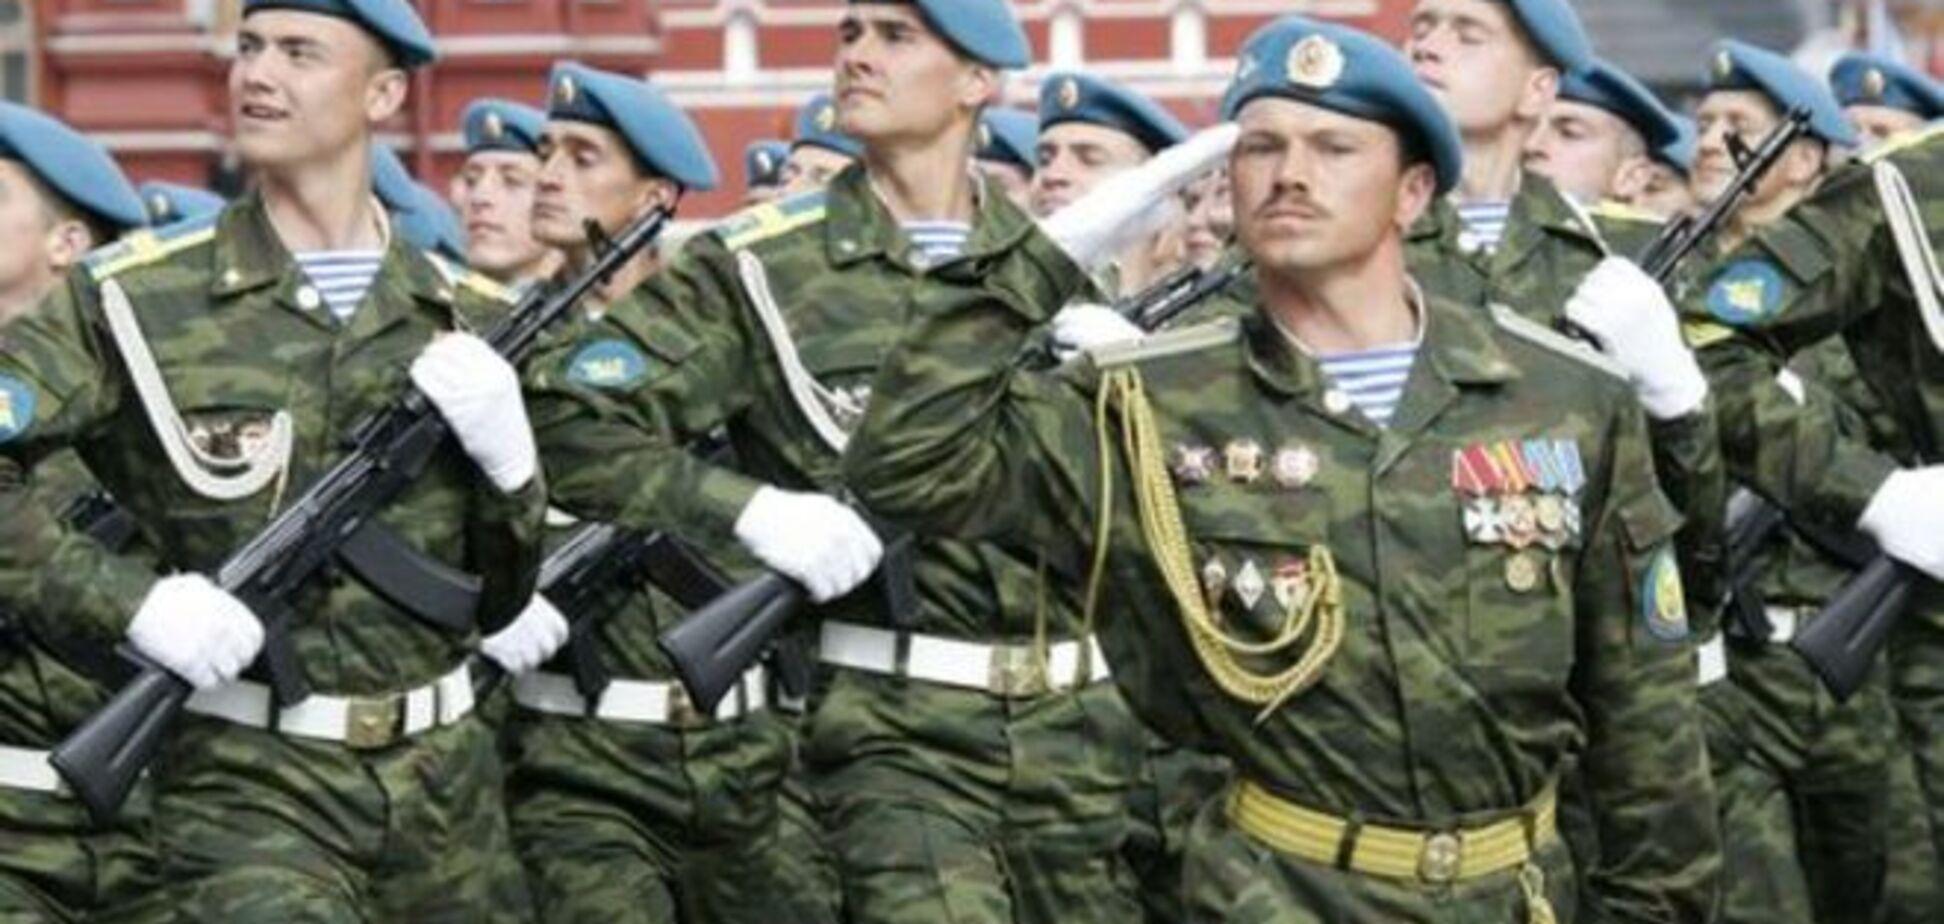 На 'путінському' параді в Москві будуть марширувати бойовики з Донбасу - Муженко